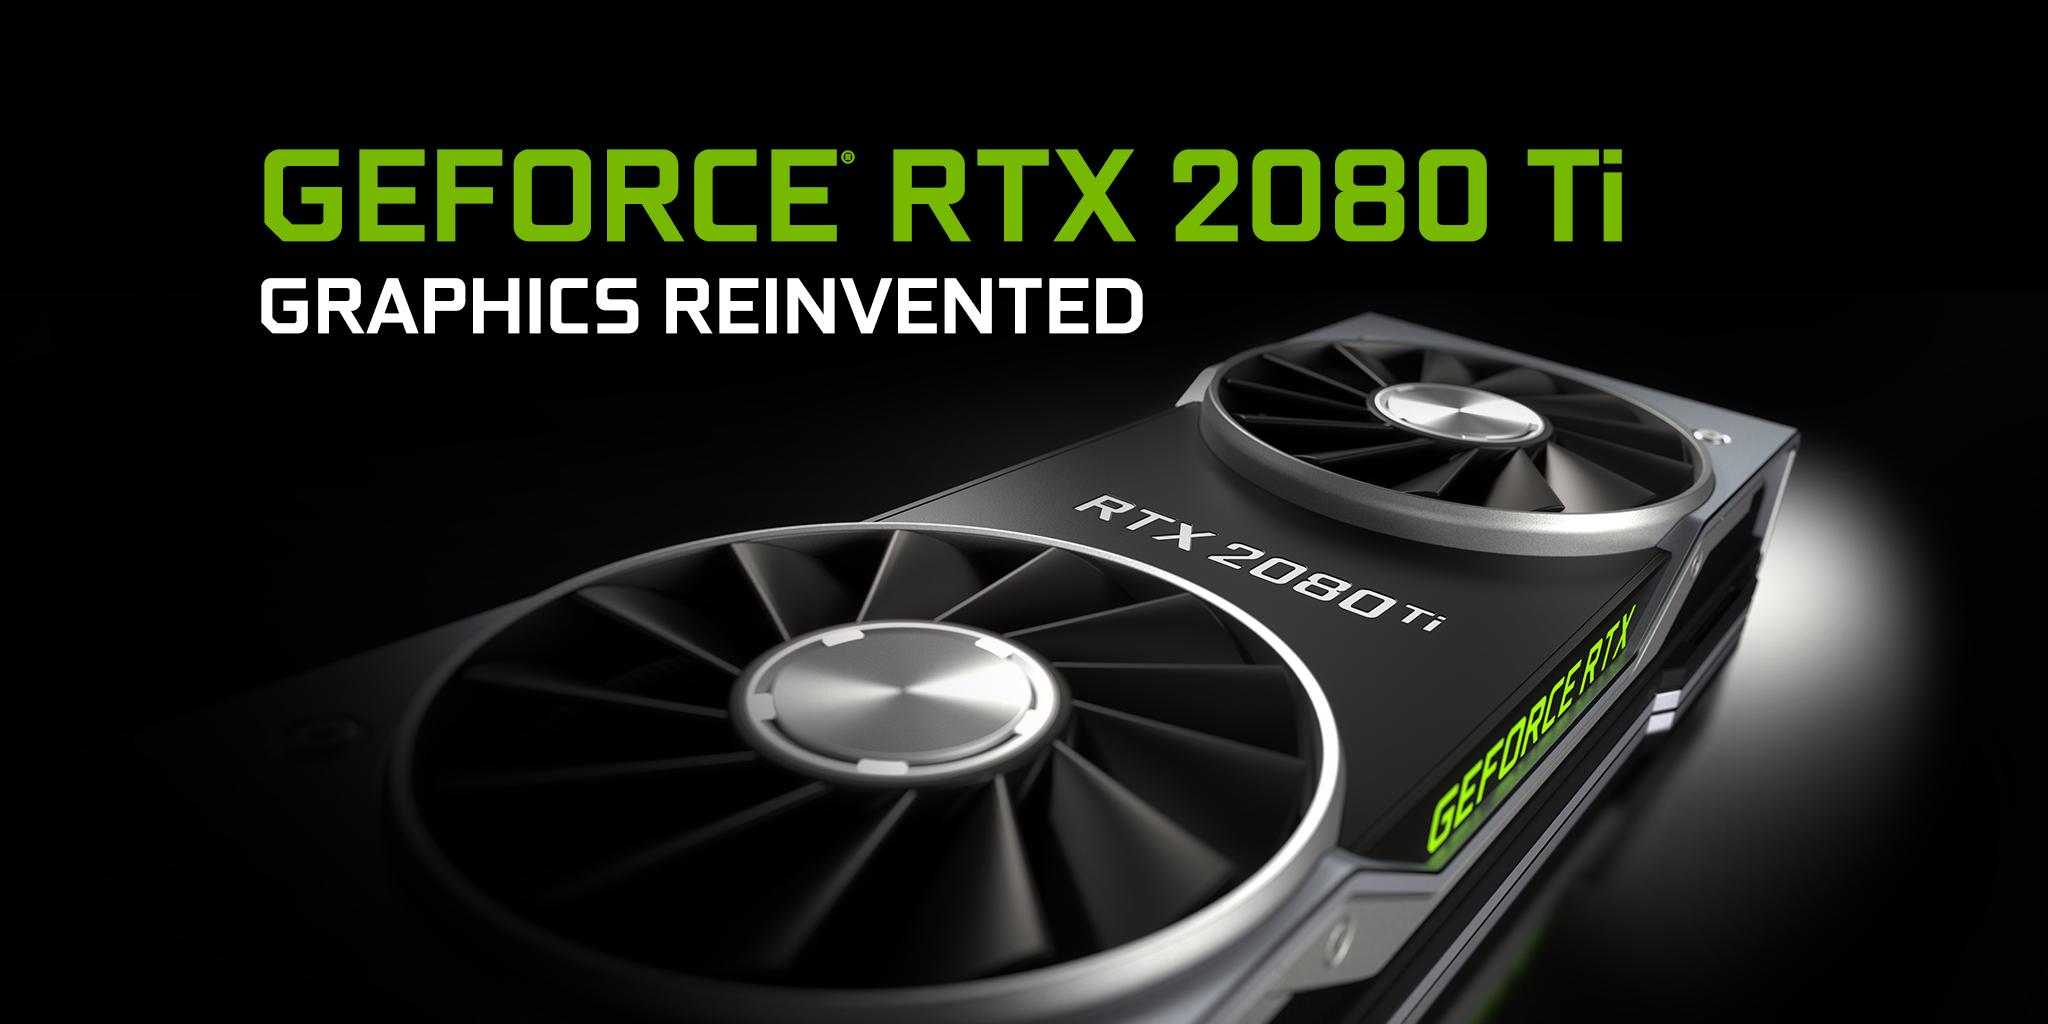 Nvidia ราคาหุ้นปรับตัวลดลงอย่างมากเป็นผลมาจากการ์ดจอรุ่นใหม่ยังขายได้ไม่ดีเท่าที่ควร